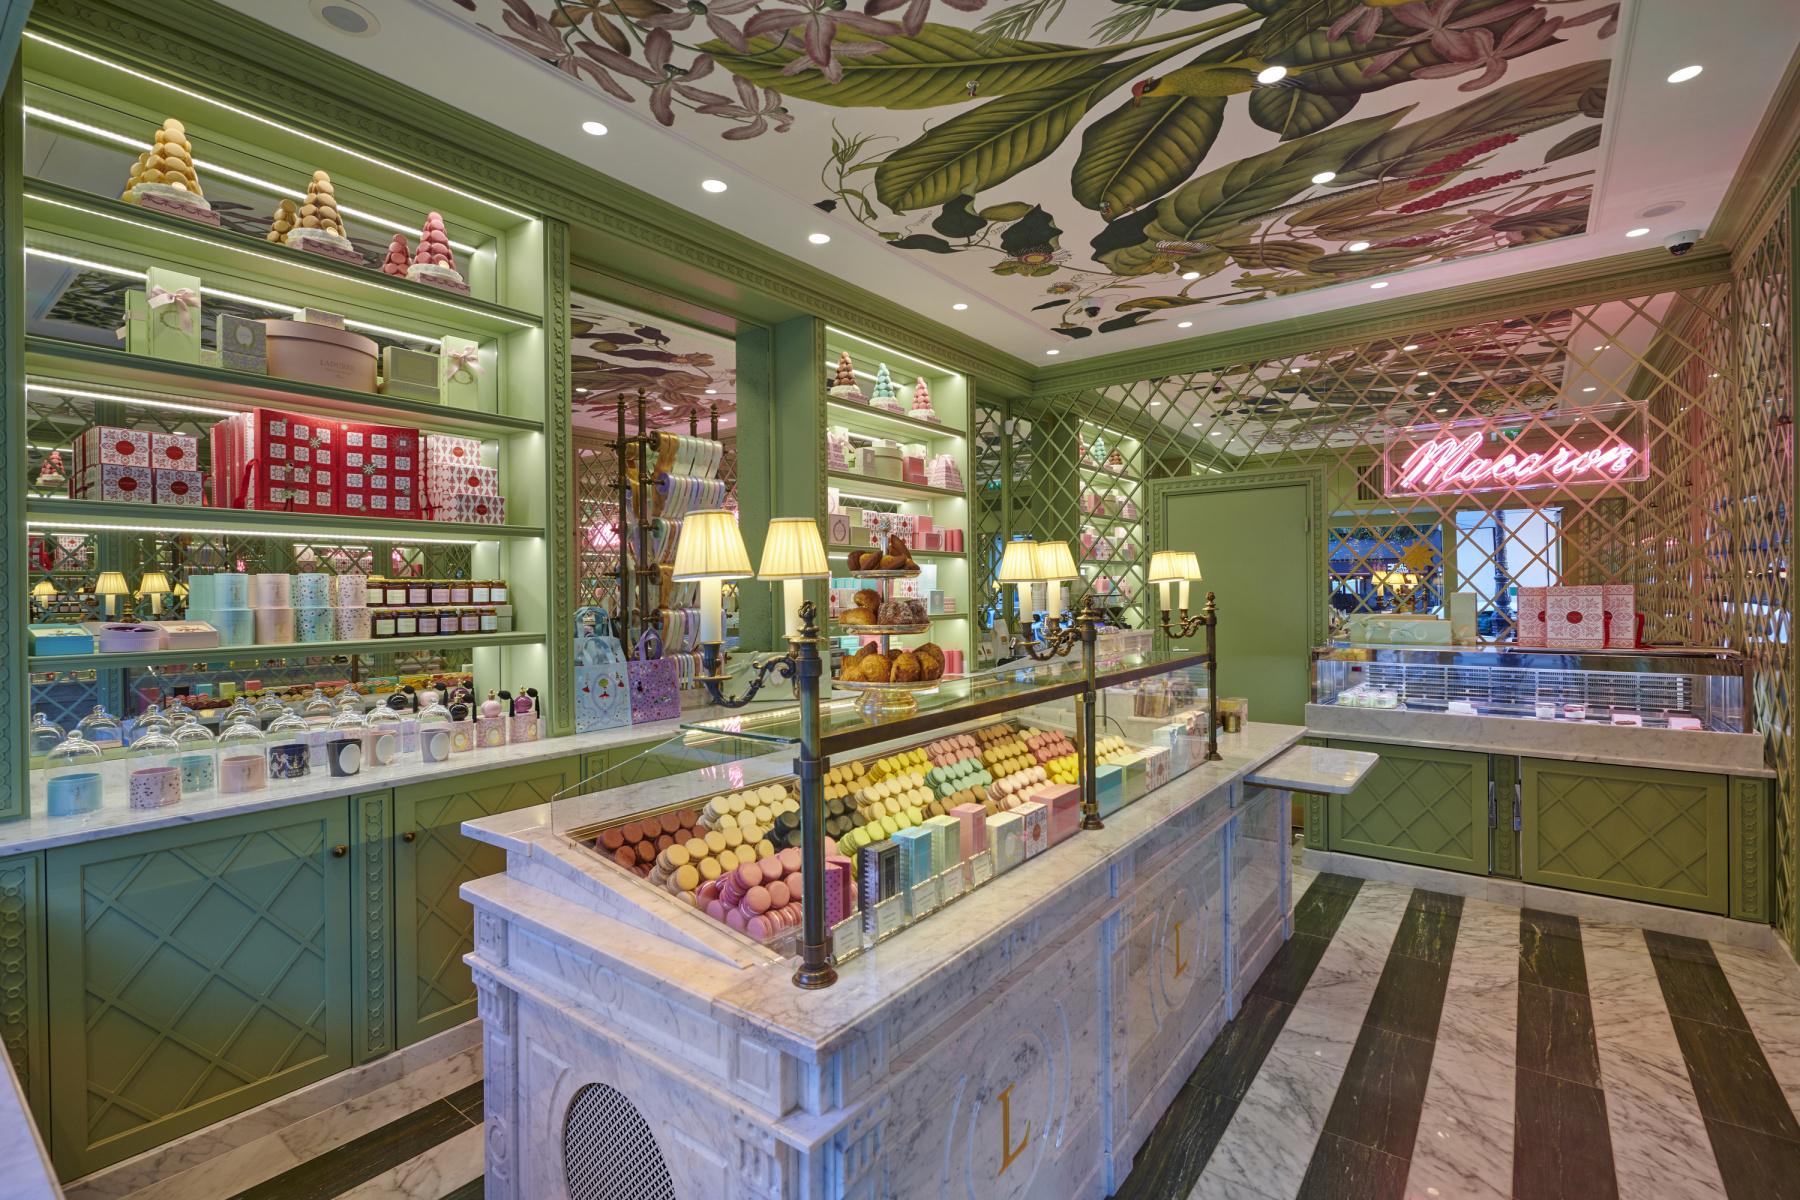 La pâtisserie Ladurée rachetée par LOV Group ? - Sortiraparis.com